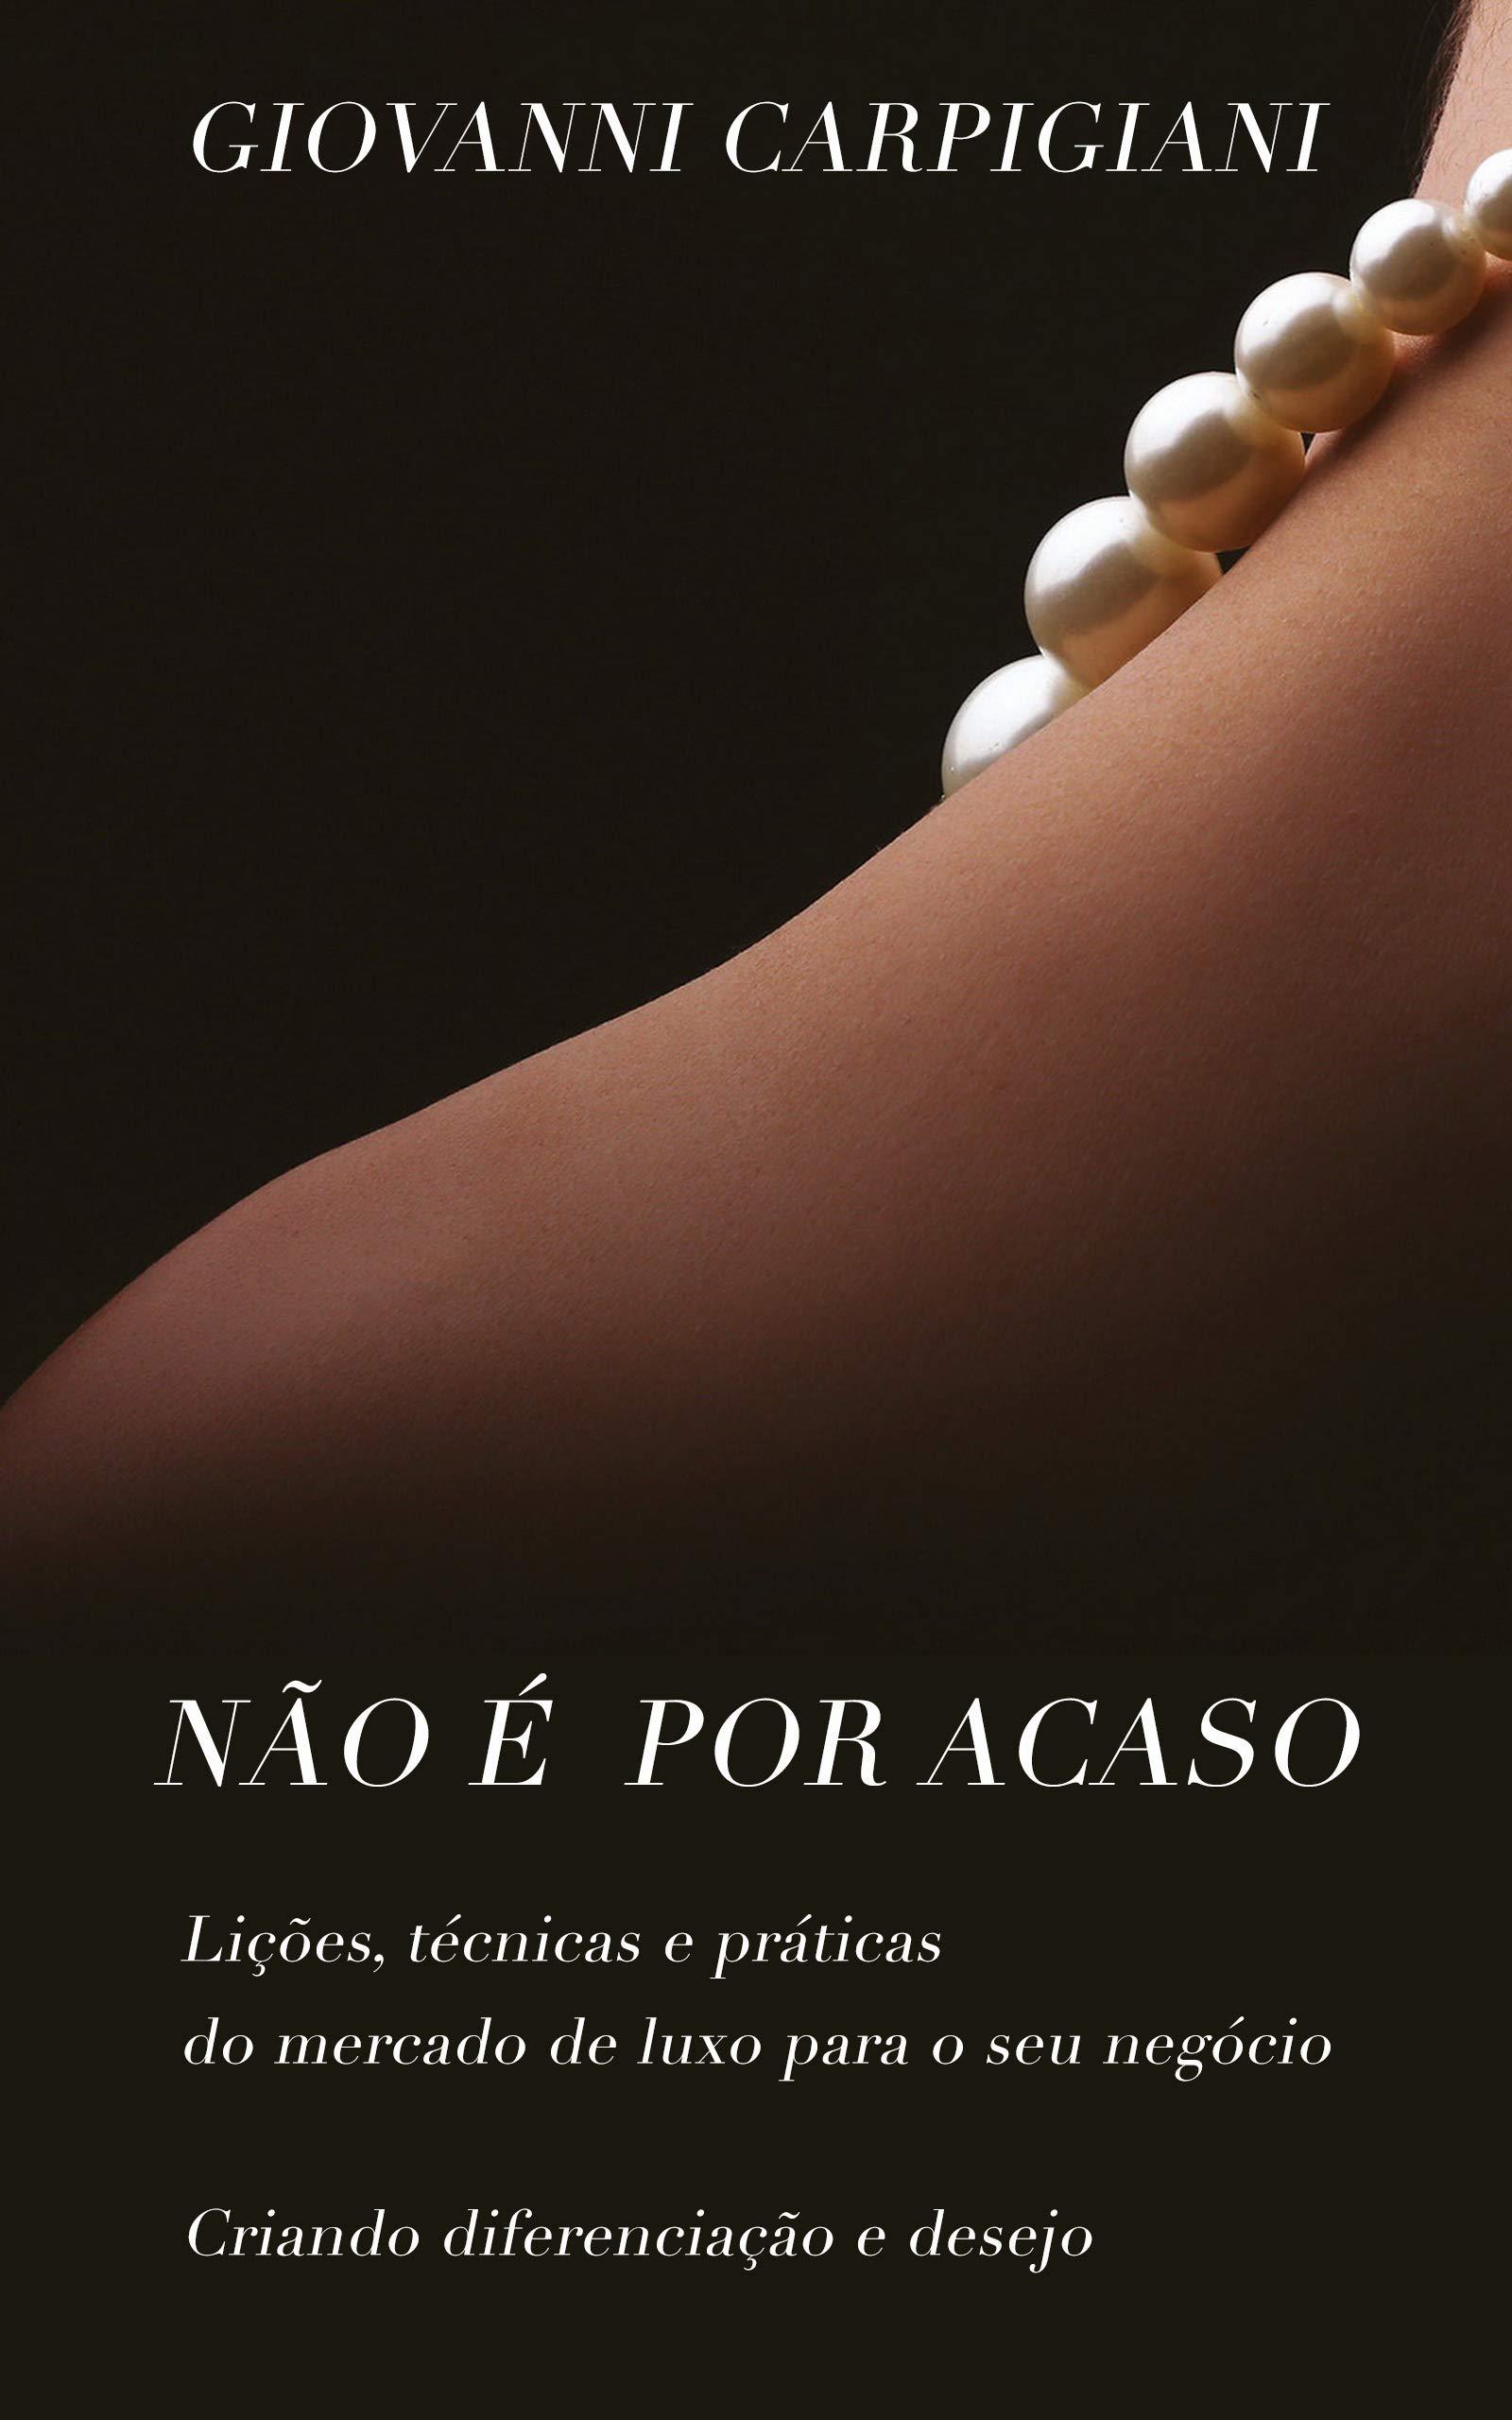 Não é por acaso: Lições, Técnicas e Práticas do Mercado de Luxo para o seu Negócio (Portuguese Edition)